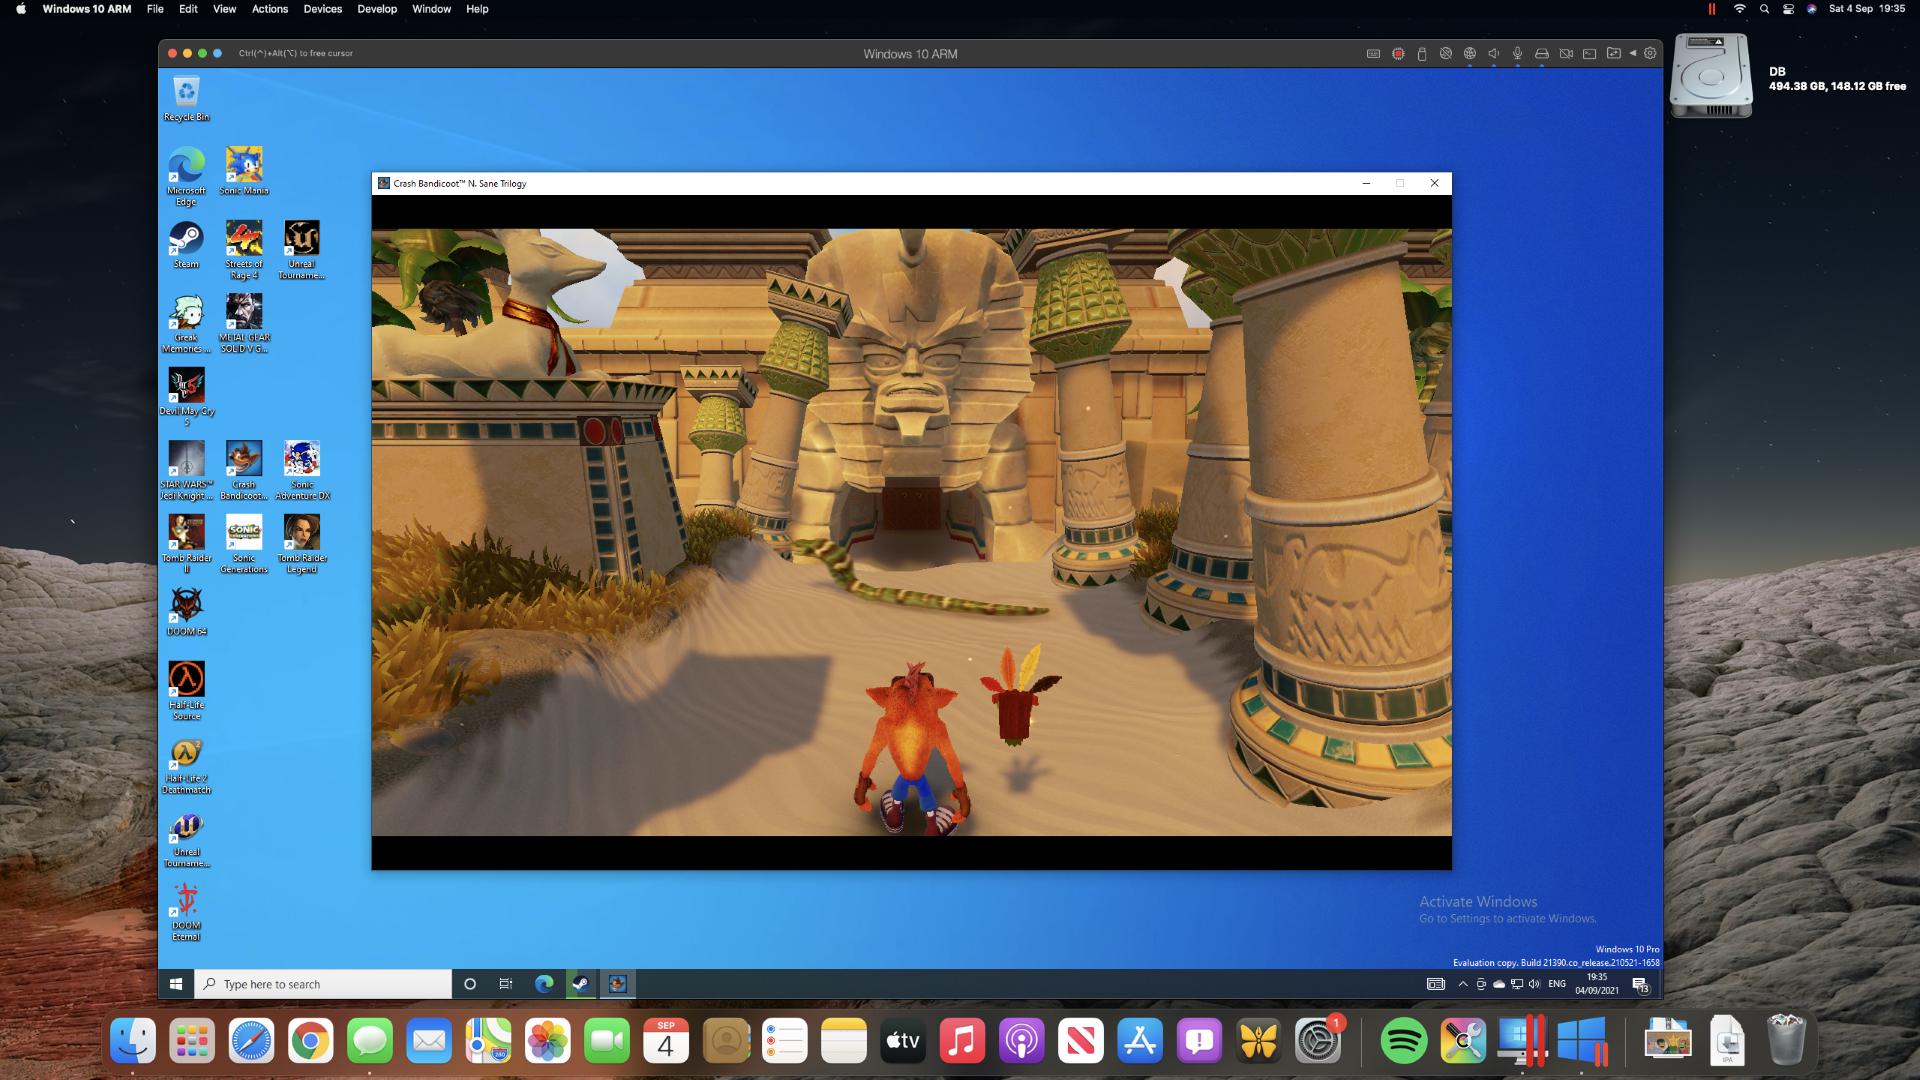 Crash Bandicoot 3 ejecutándose en Parallels Desktop en una Mac mini M1